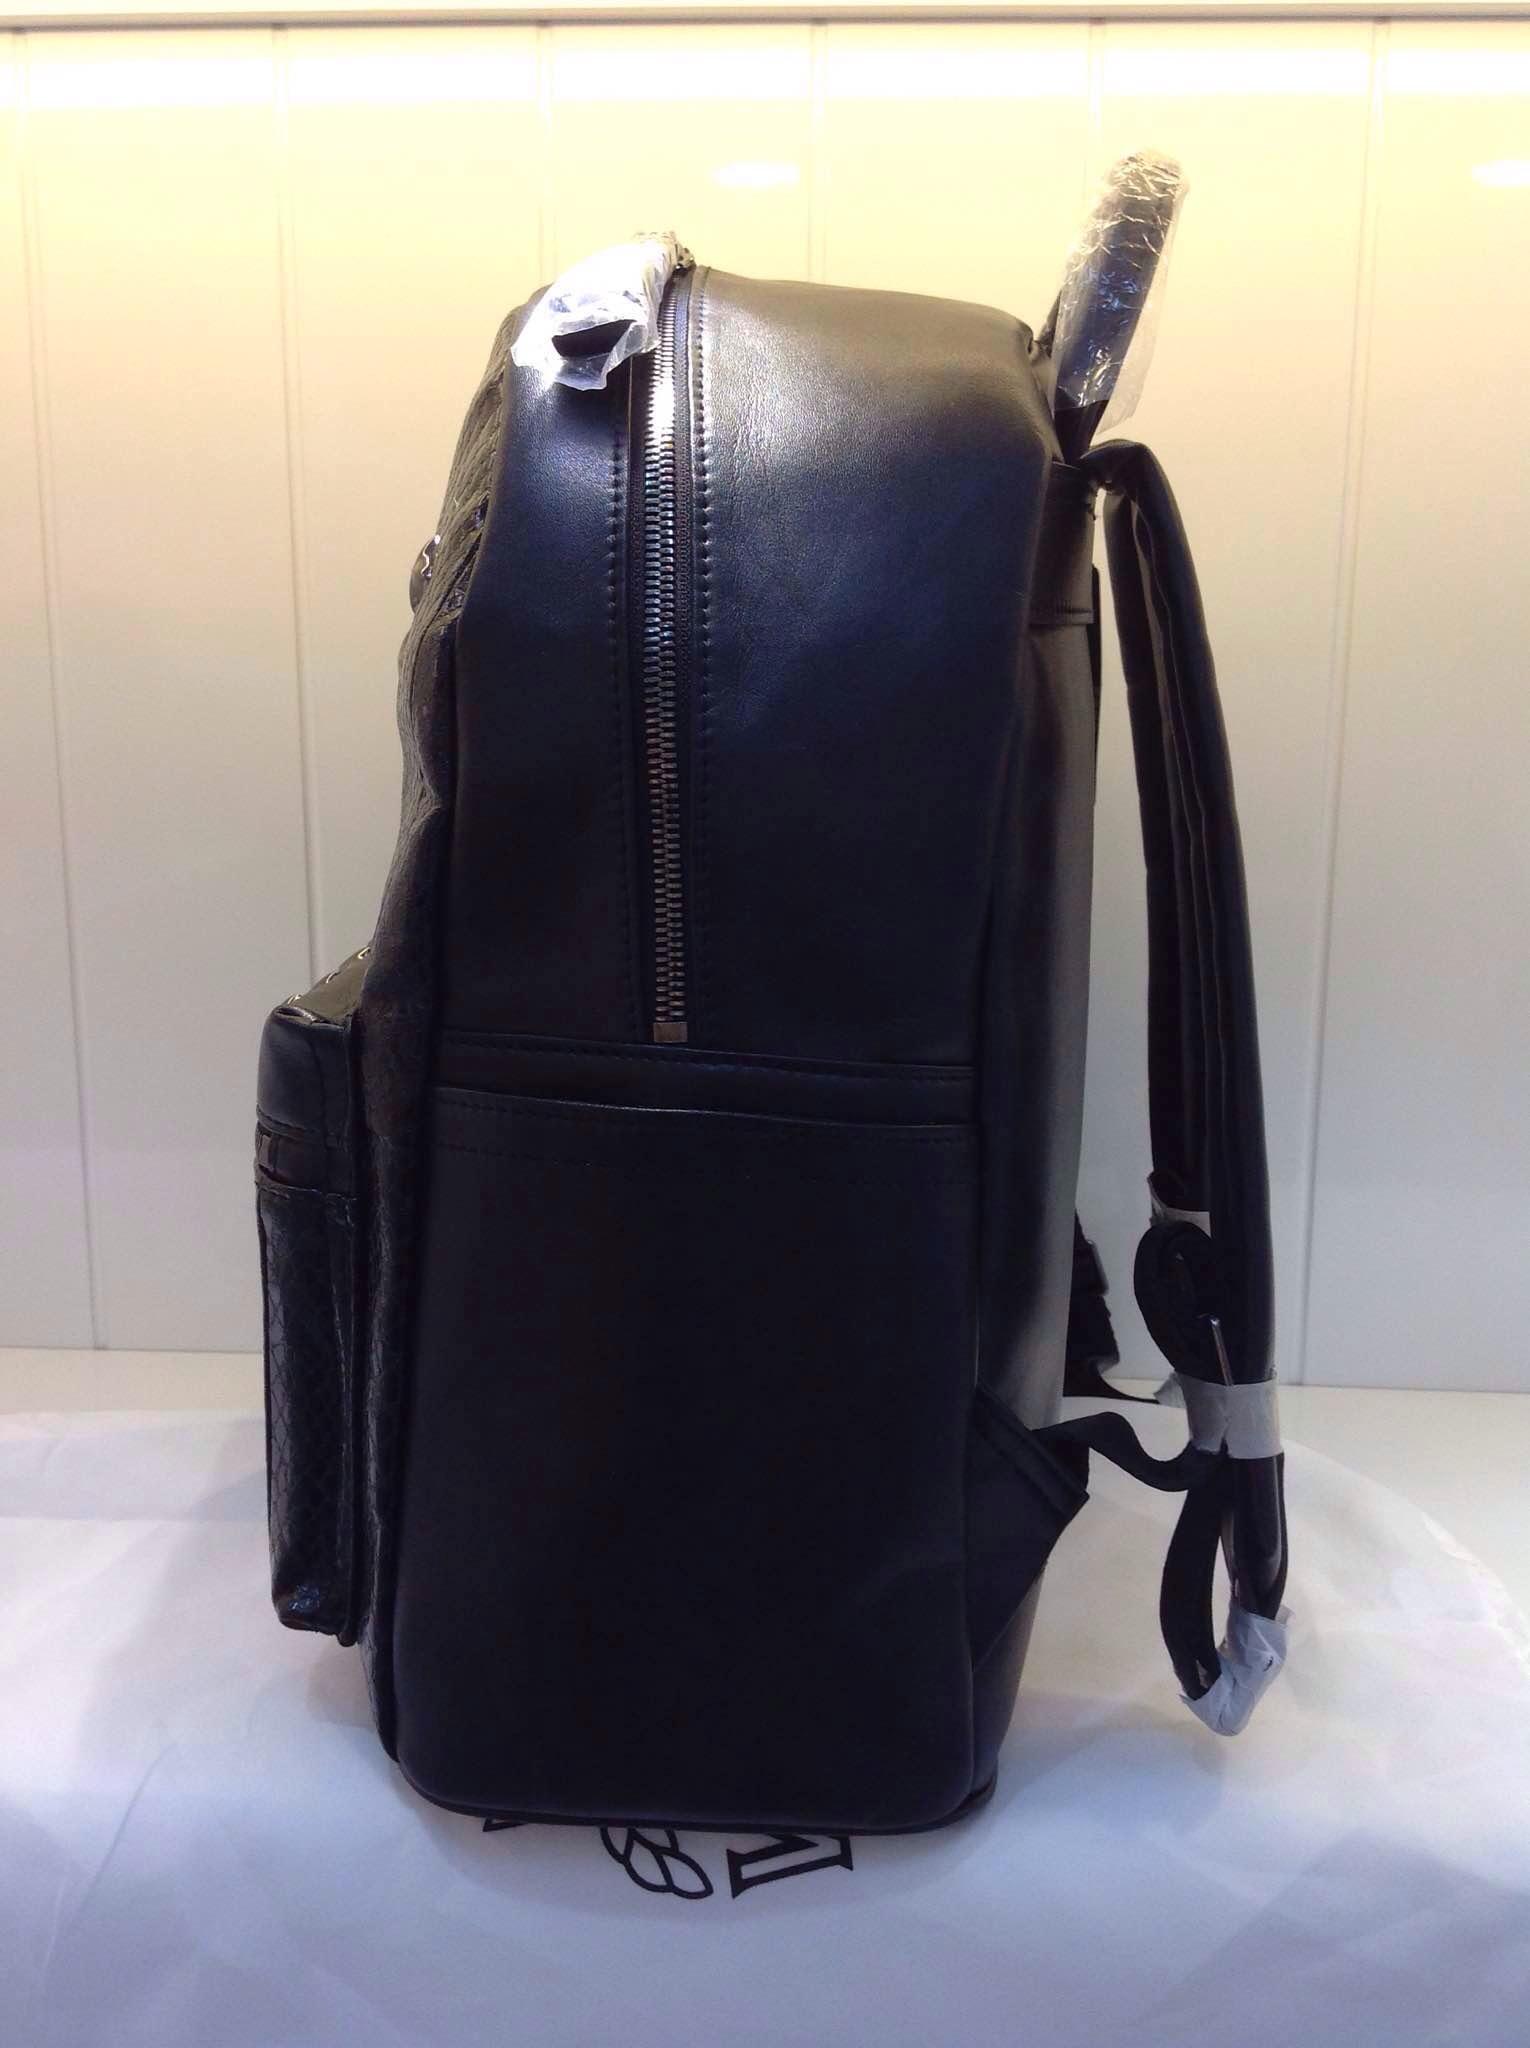 MCM2015新款 蛇纹六钉款 单色 双肩包背包批发